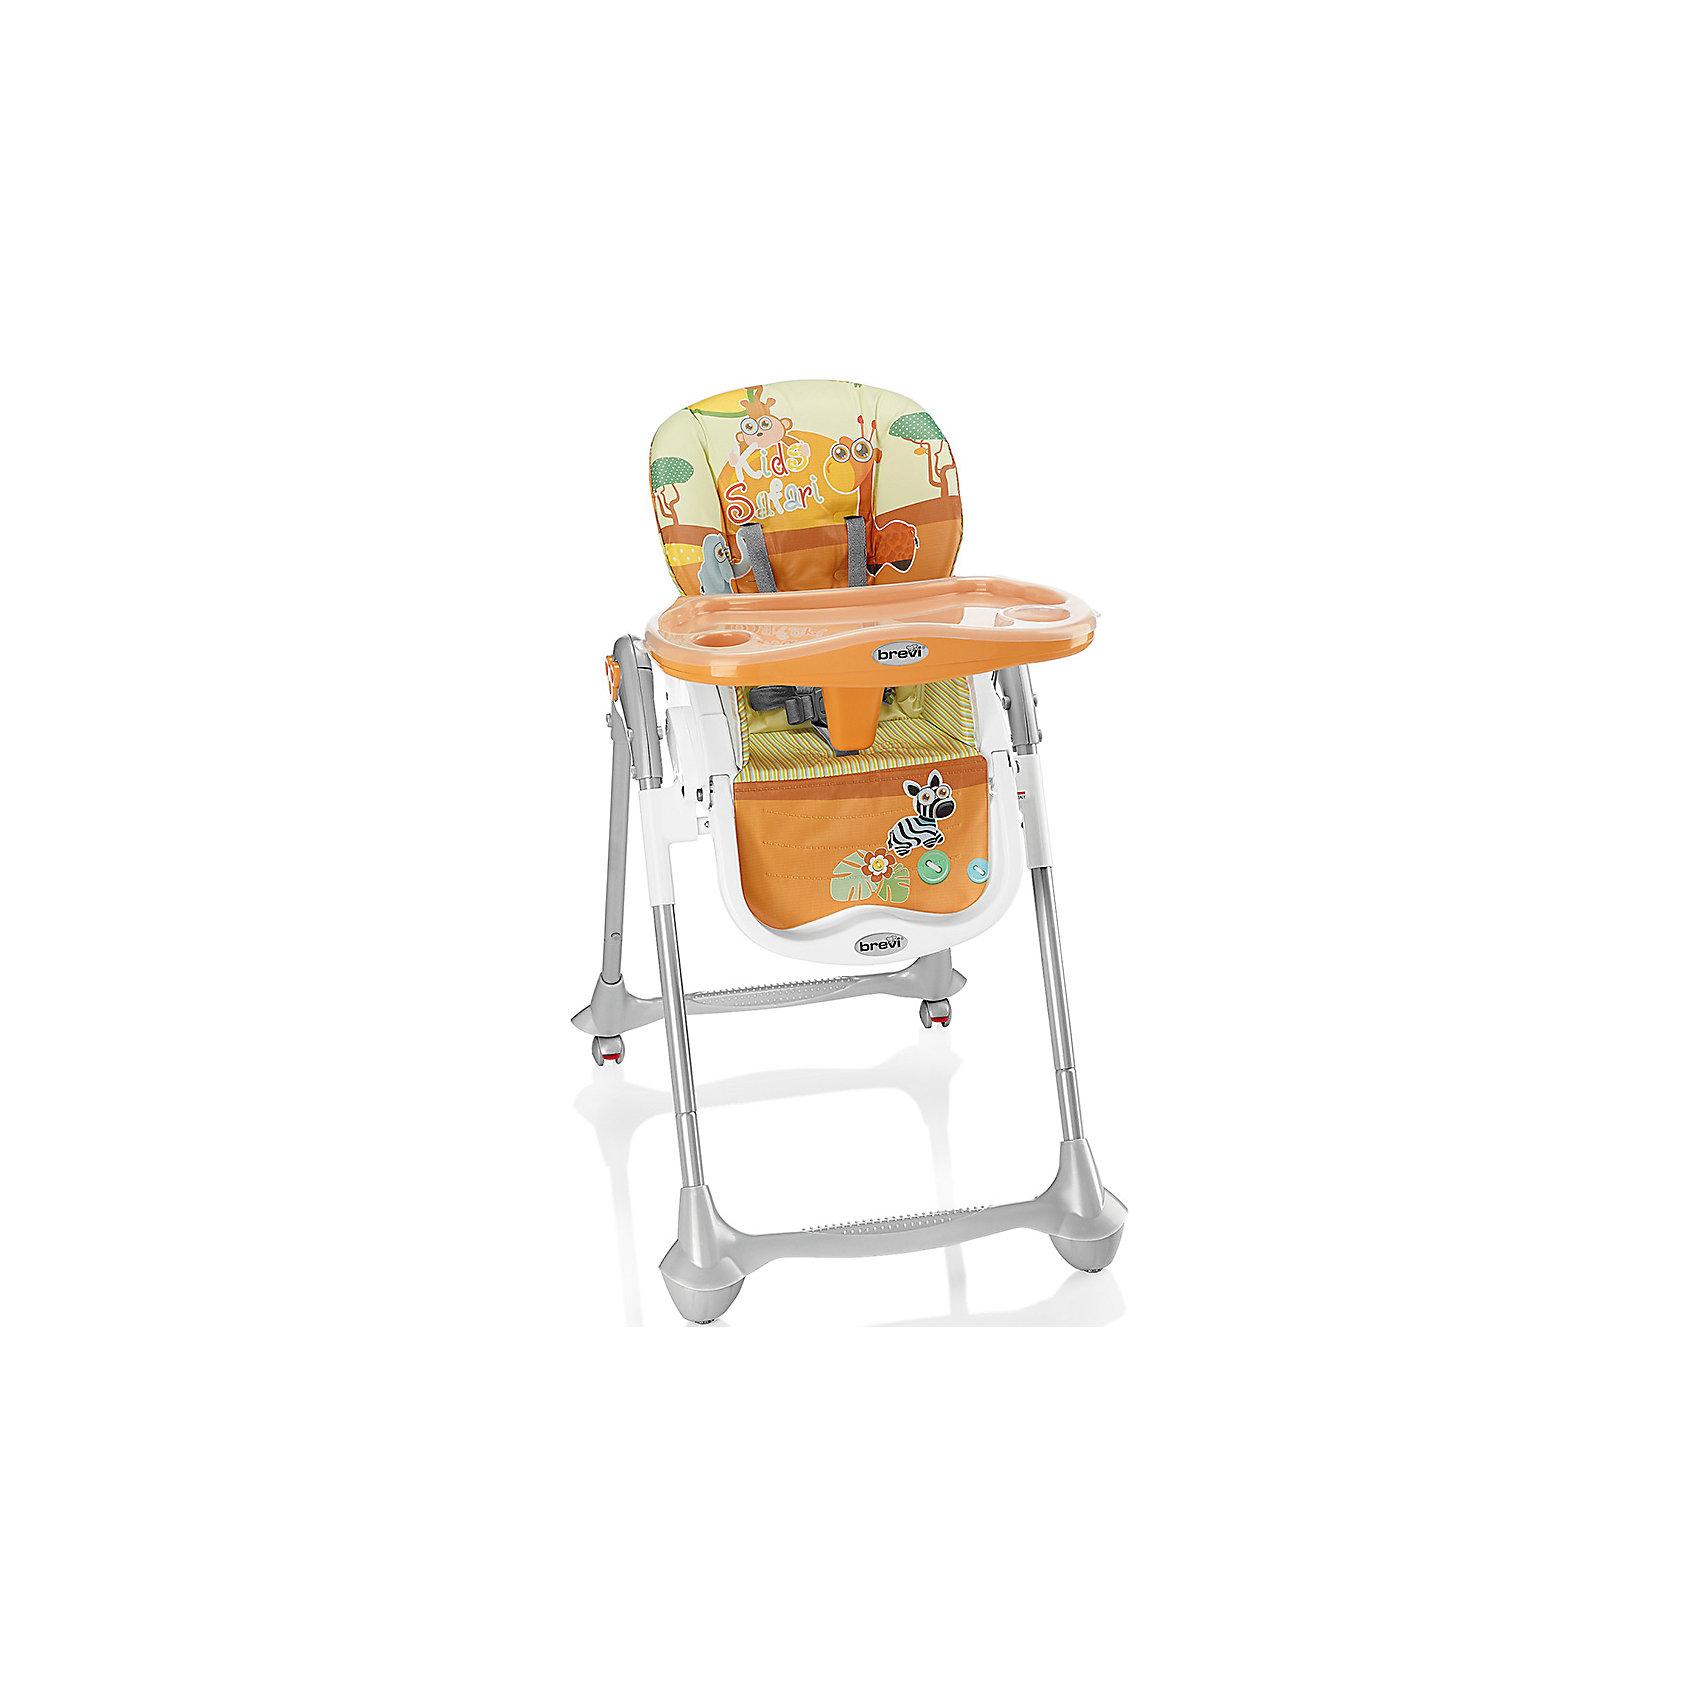 Стульчик для кормления Convivio, Brevi, оранжевый/сафариот +6 месяцев<br>Convivio, Brevi (брэви) – стульчик для кормления детей от 6 месяцев до 3 лет. Есть три положения спинки для удобства ребенка, три положения подножки и четыре уровня сиденья. Кроме того, привлекательная расцветка превратит любое кормление в настоящее удовольствие для вас и вашего малыша.<br>Особенности и преимущества:<br>-колеса с фиксатором для удобства перемещения стульчика<br>-легкомоющиеся материалы<br>-5-точечные ремни для максимальной безопасности малыша<br>-двойной съемный поднос<br>-очень компактен в собранном виде<br>Размеры: 33x57x68 см<br>Вес: 10,3 кг<br>ВНИМАНИЕ! Данный артикул имеется в наличии в разных цветовых исполнениях (св.серый/лисички, розовый/зайчик, оранжевый/сафари, голубой/полоски, бежевый/мишка). К сожалению, заранее выбрать определенный цвет не возможно.<br>Вы можете приобрести стульчик для кормления Convivio в нашем интернет-магазине<br><br>Ширина мм: 680<br>Глубина мм: 570<br>Высота мм: 330<br>Вес г: 10300<br>Возраст от месяцев: 6<br>Возраст до месяцев: 36<br>Пол: Унисекс<br>Возраст: Детский<br>SKU: 4902074